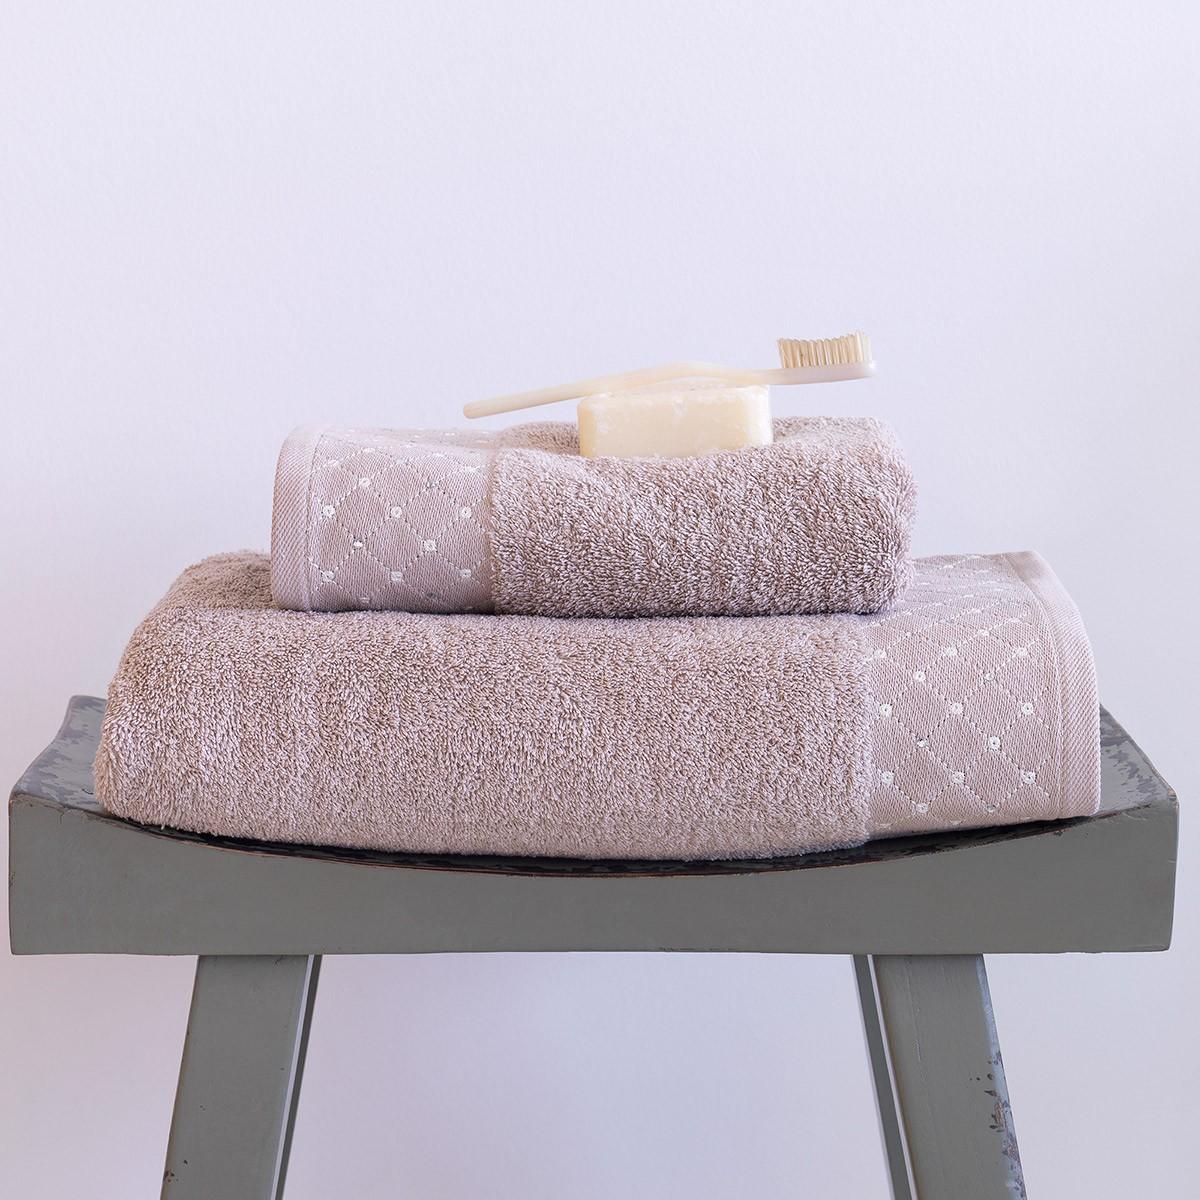 Πετσέτες Μπάνιου (Σετ 2τμχ) Sb Home Domino Taupe